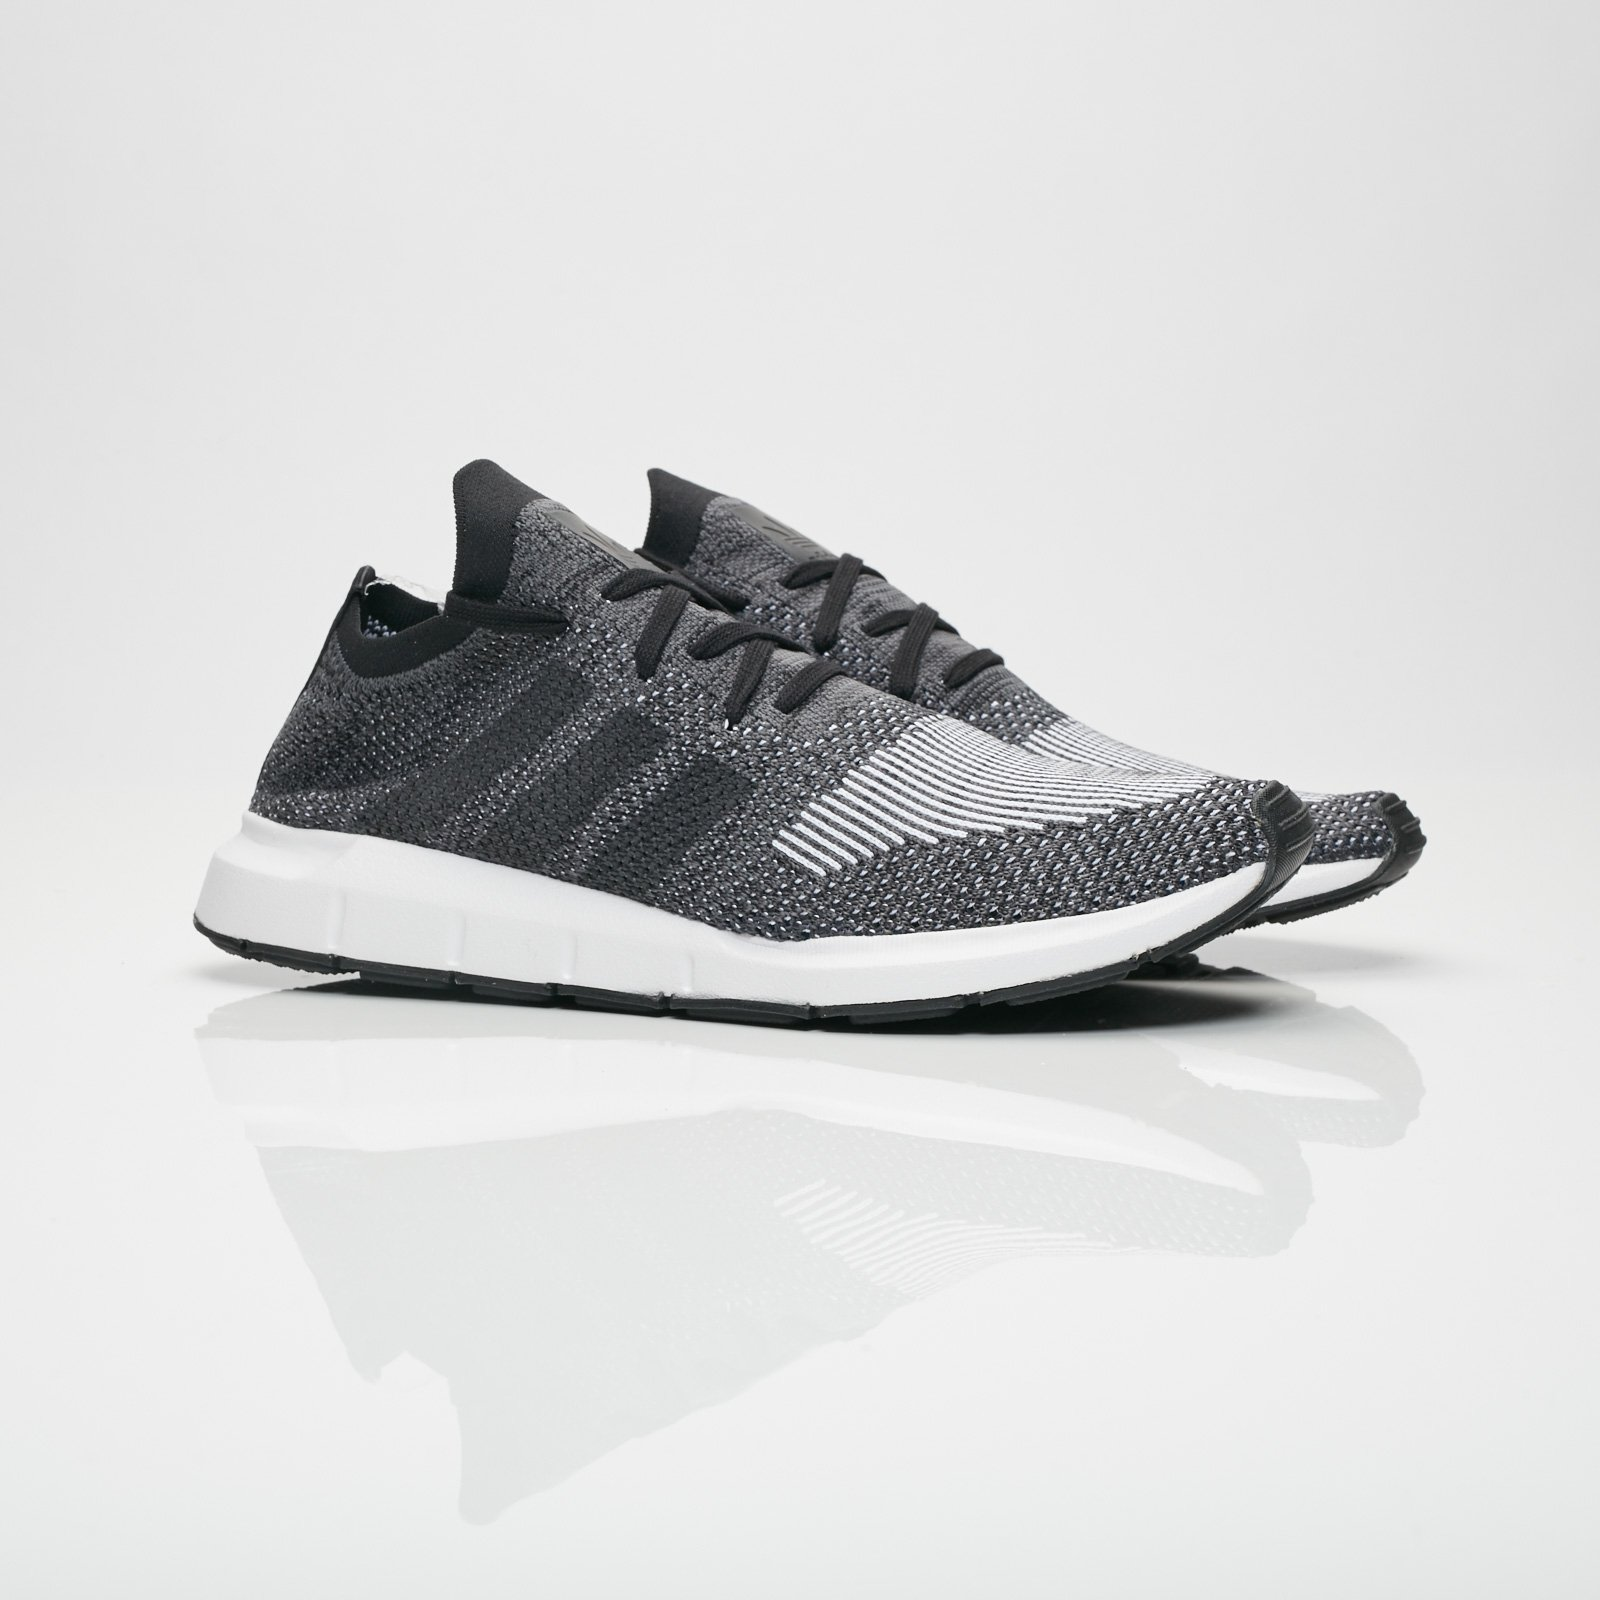 e479e9e7021f02 adidas Swift Run PK - Cq2889 - Sneakersnstuff